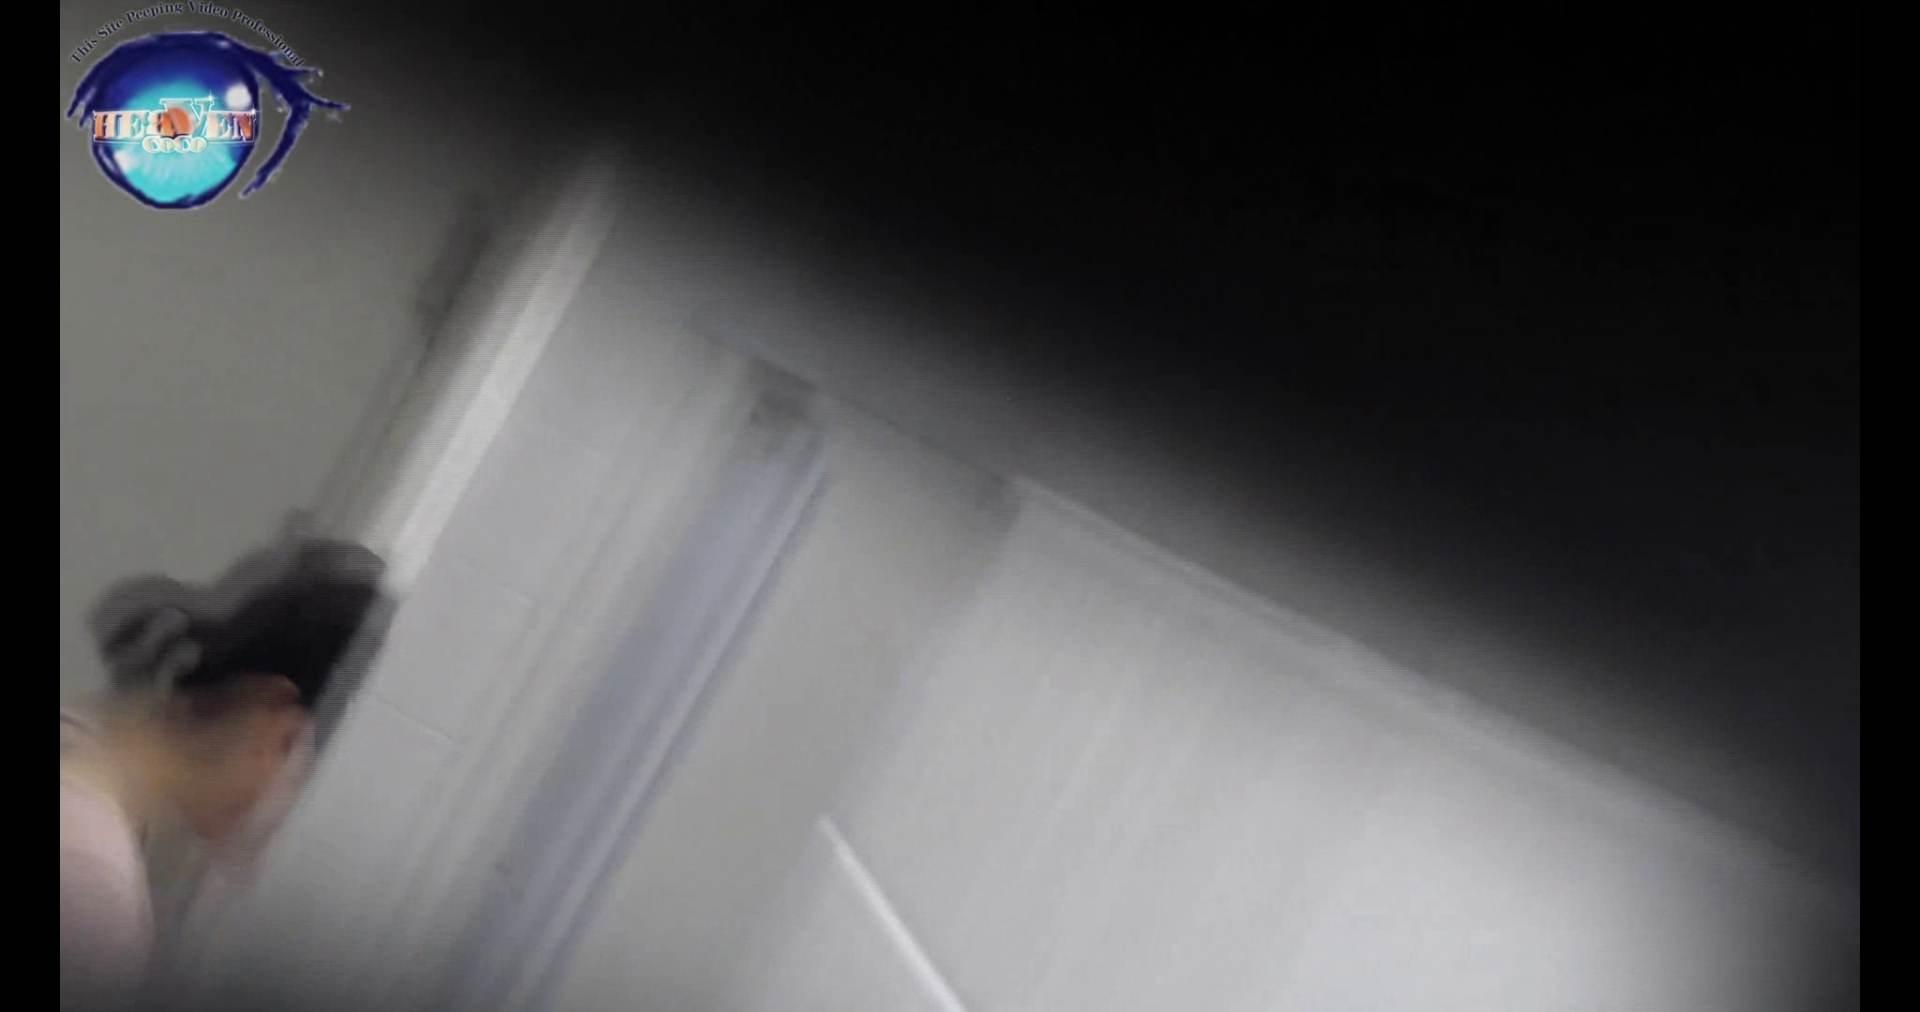 お銀さんの洗面所突入レポート!!vol.77 純国内、突き出し角度は規格外 後編 OLエロ画像 | 洗面所  21PICs 3